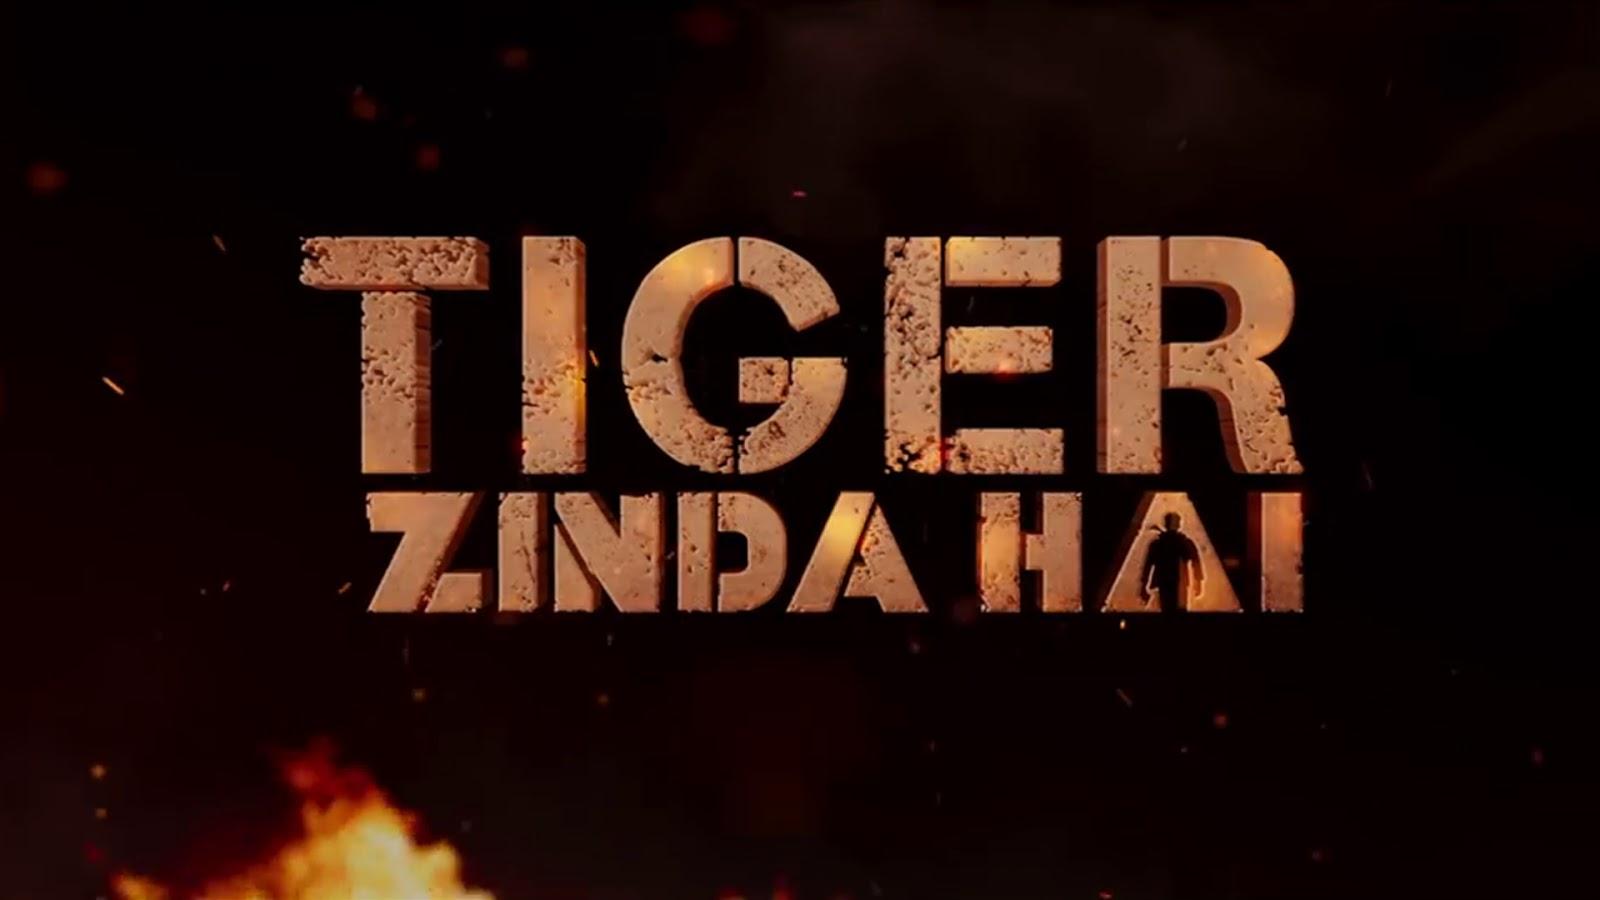 Tiger Zinda Hai Movie HD Wallpapers Download Free 1080p